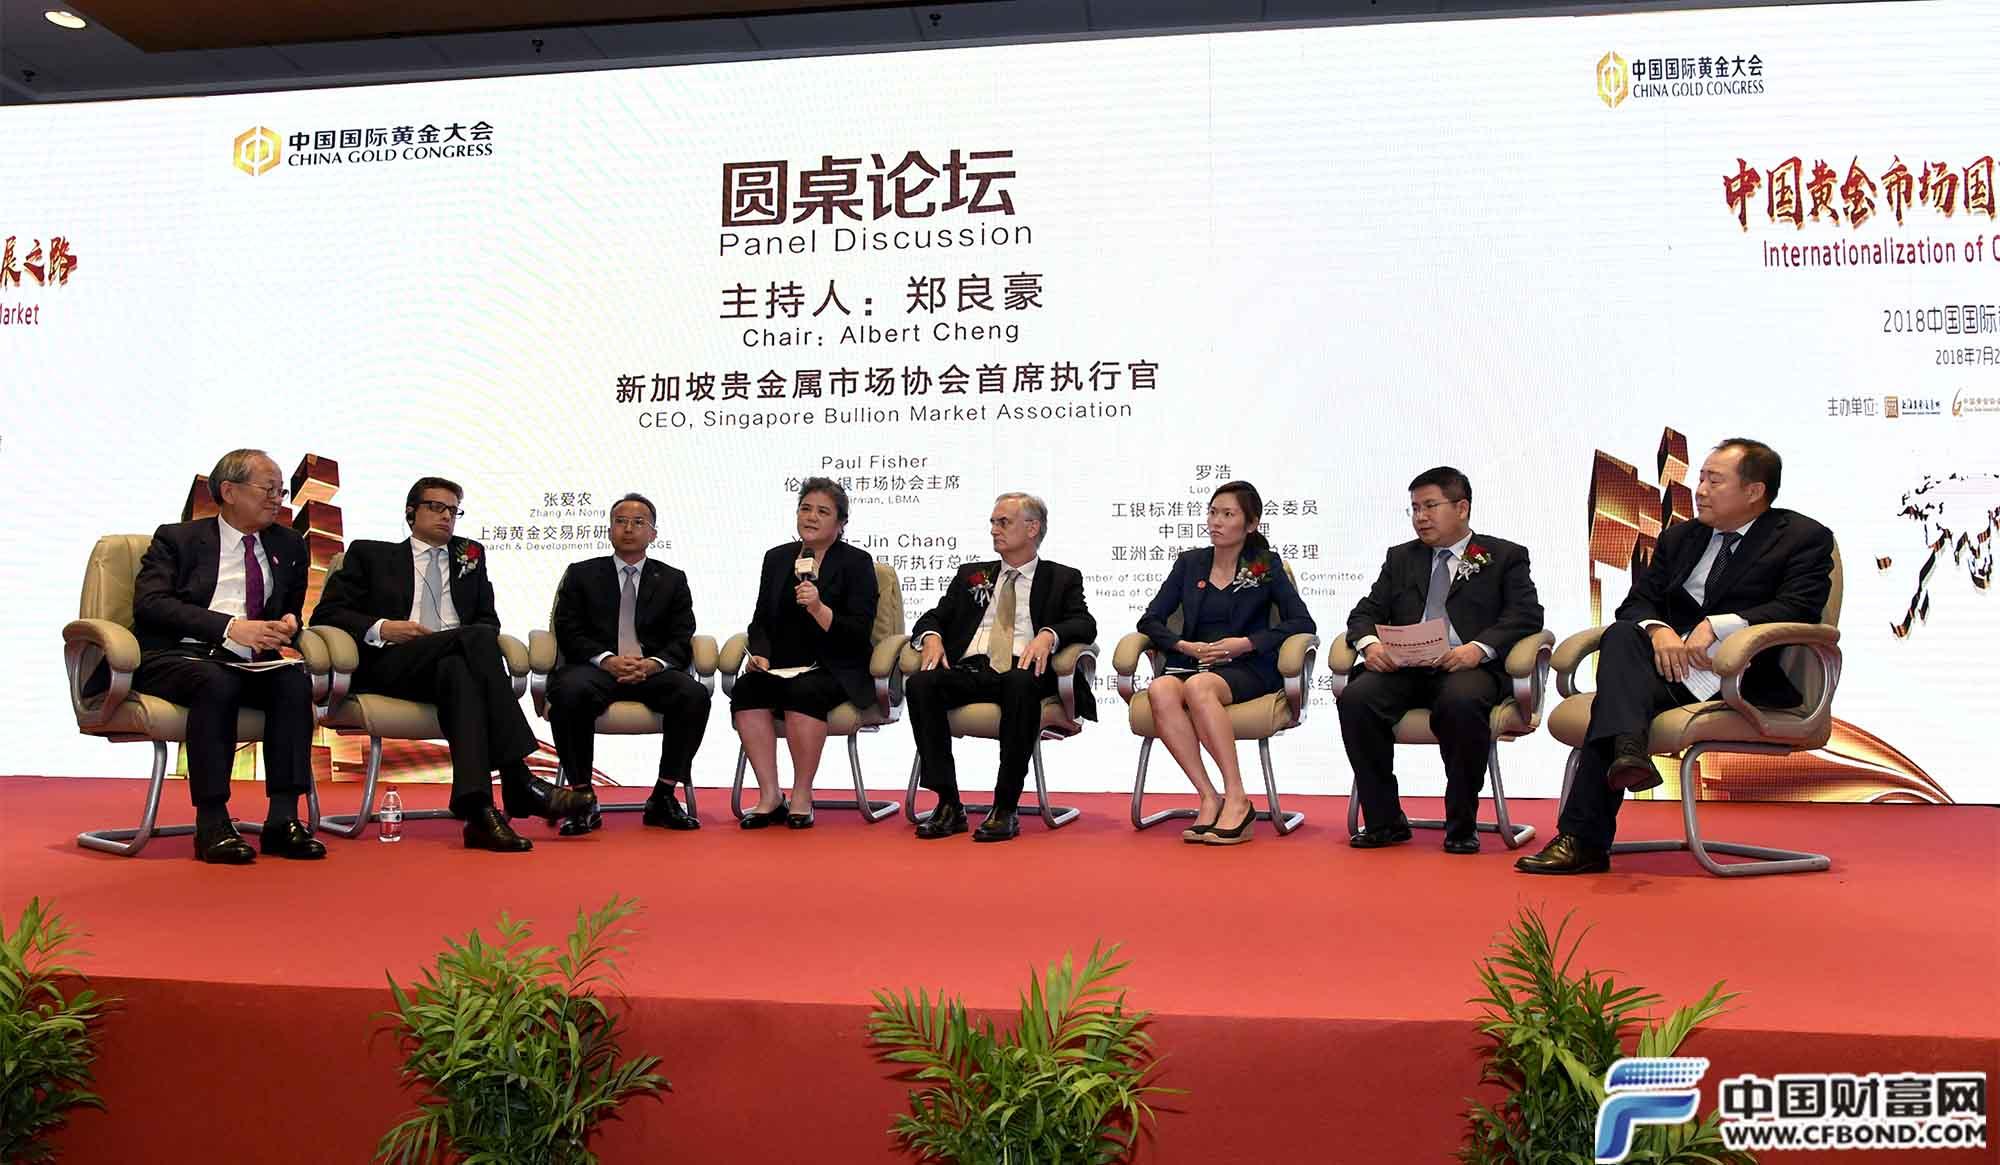 中国黄金市场国际化发展之路圆桌论坛全景